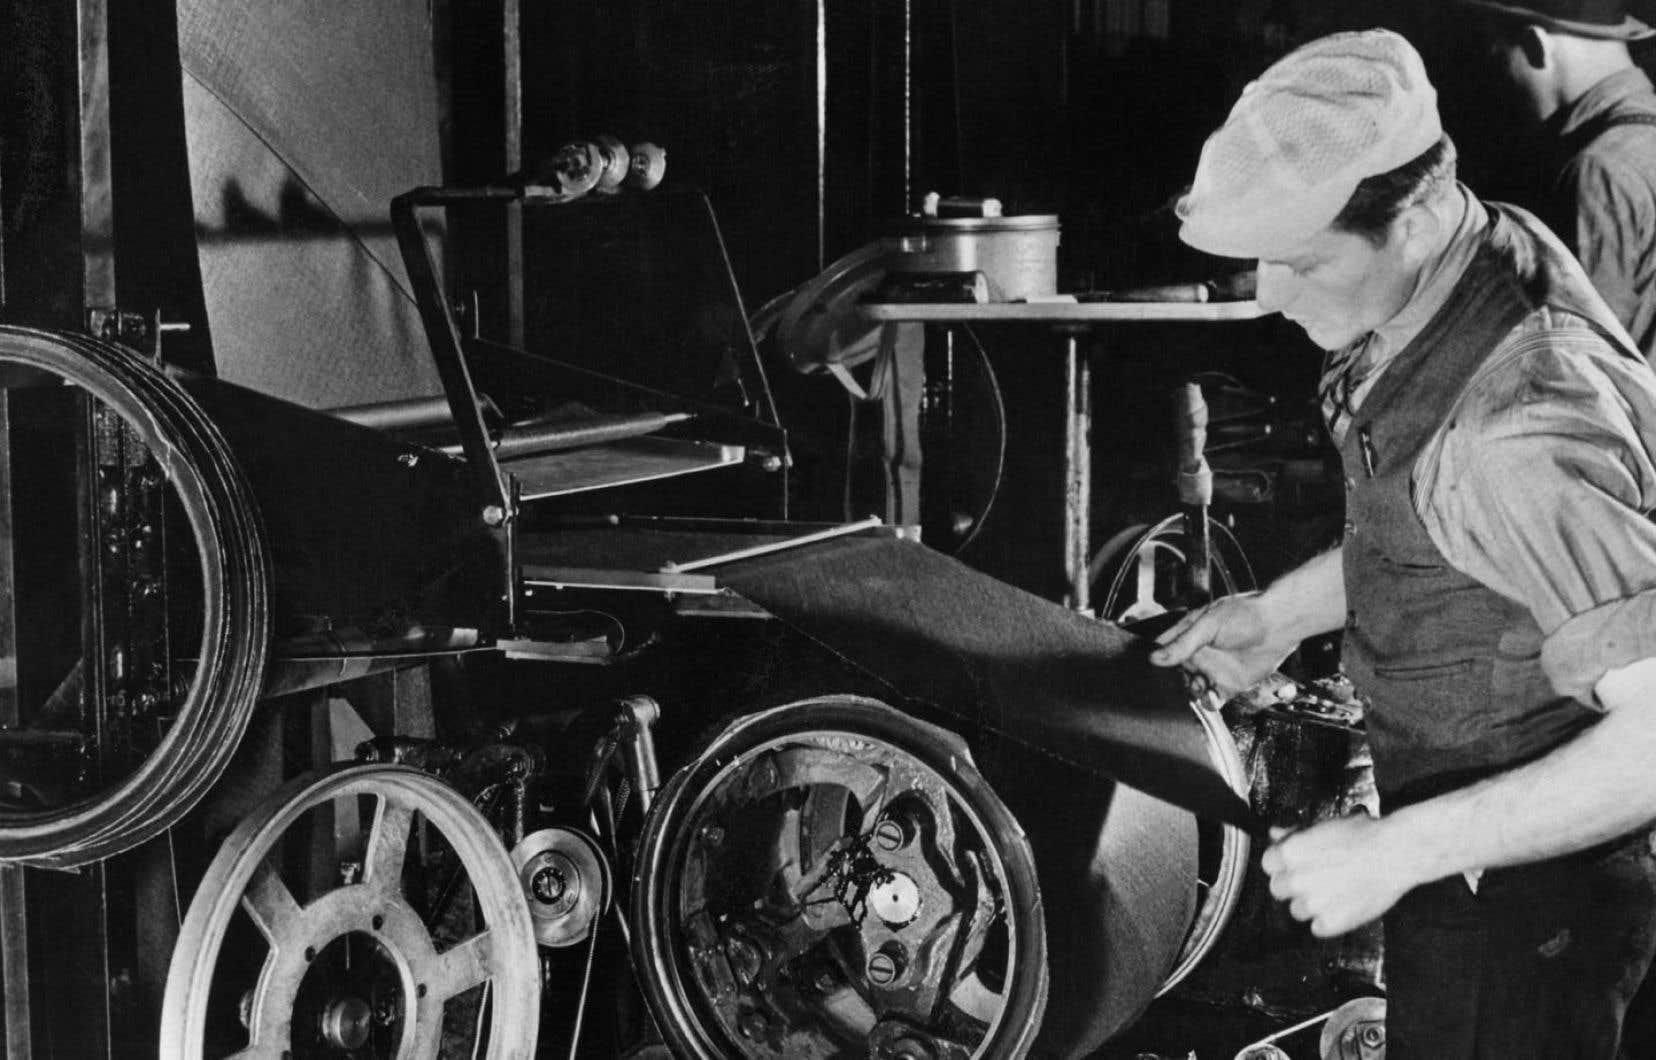 Un travailleur dans les usines Ford en 1938. Déjà en 1697, le philosophe politique anglais John Locke estimait que les chômeurs aptes au travail devaient être contraints d'accepter tout travail, même s'il est payé au-dessous des normes.